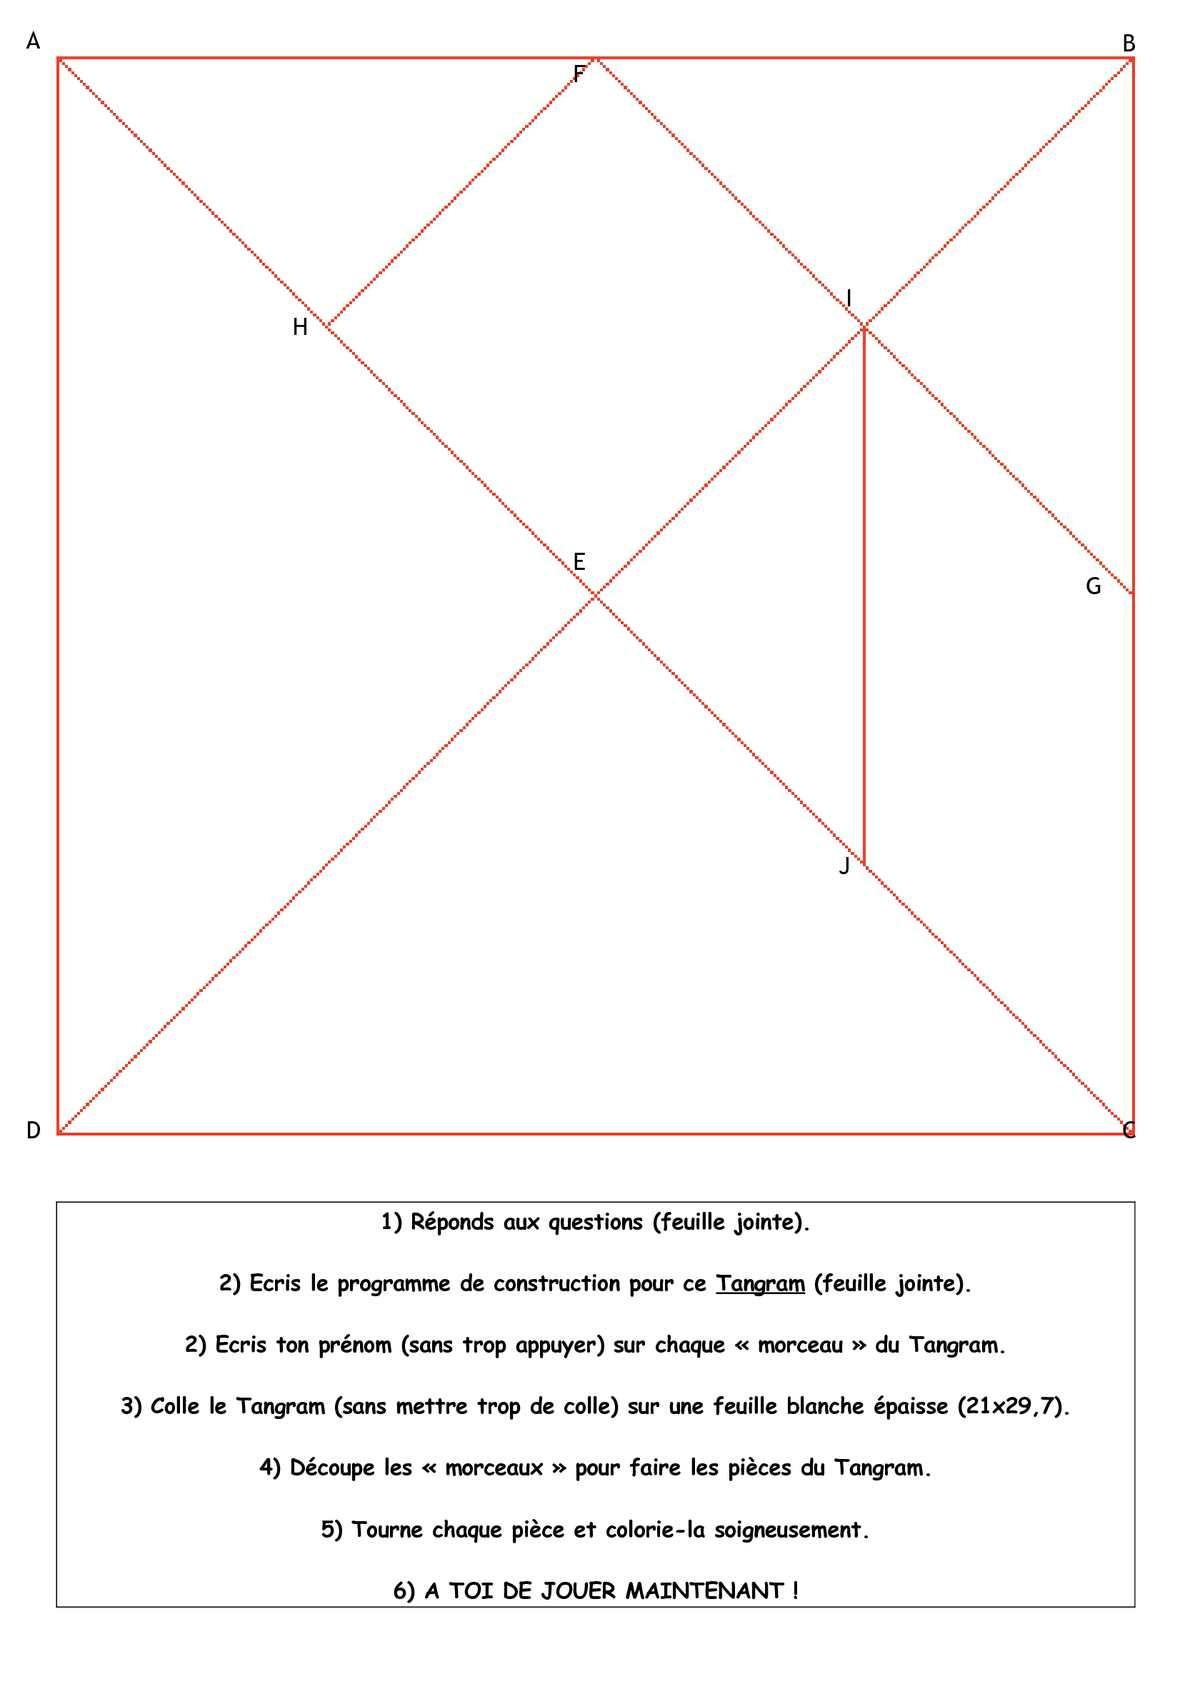 Calaméo - Cycle 3 : Géométrie : Figures Planes (Programme à Tangram À Découper